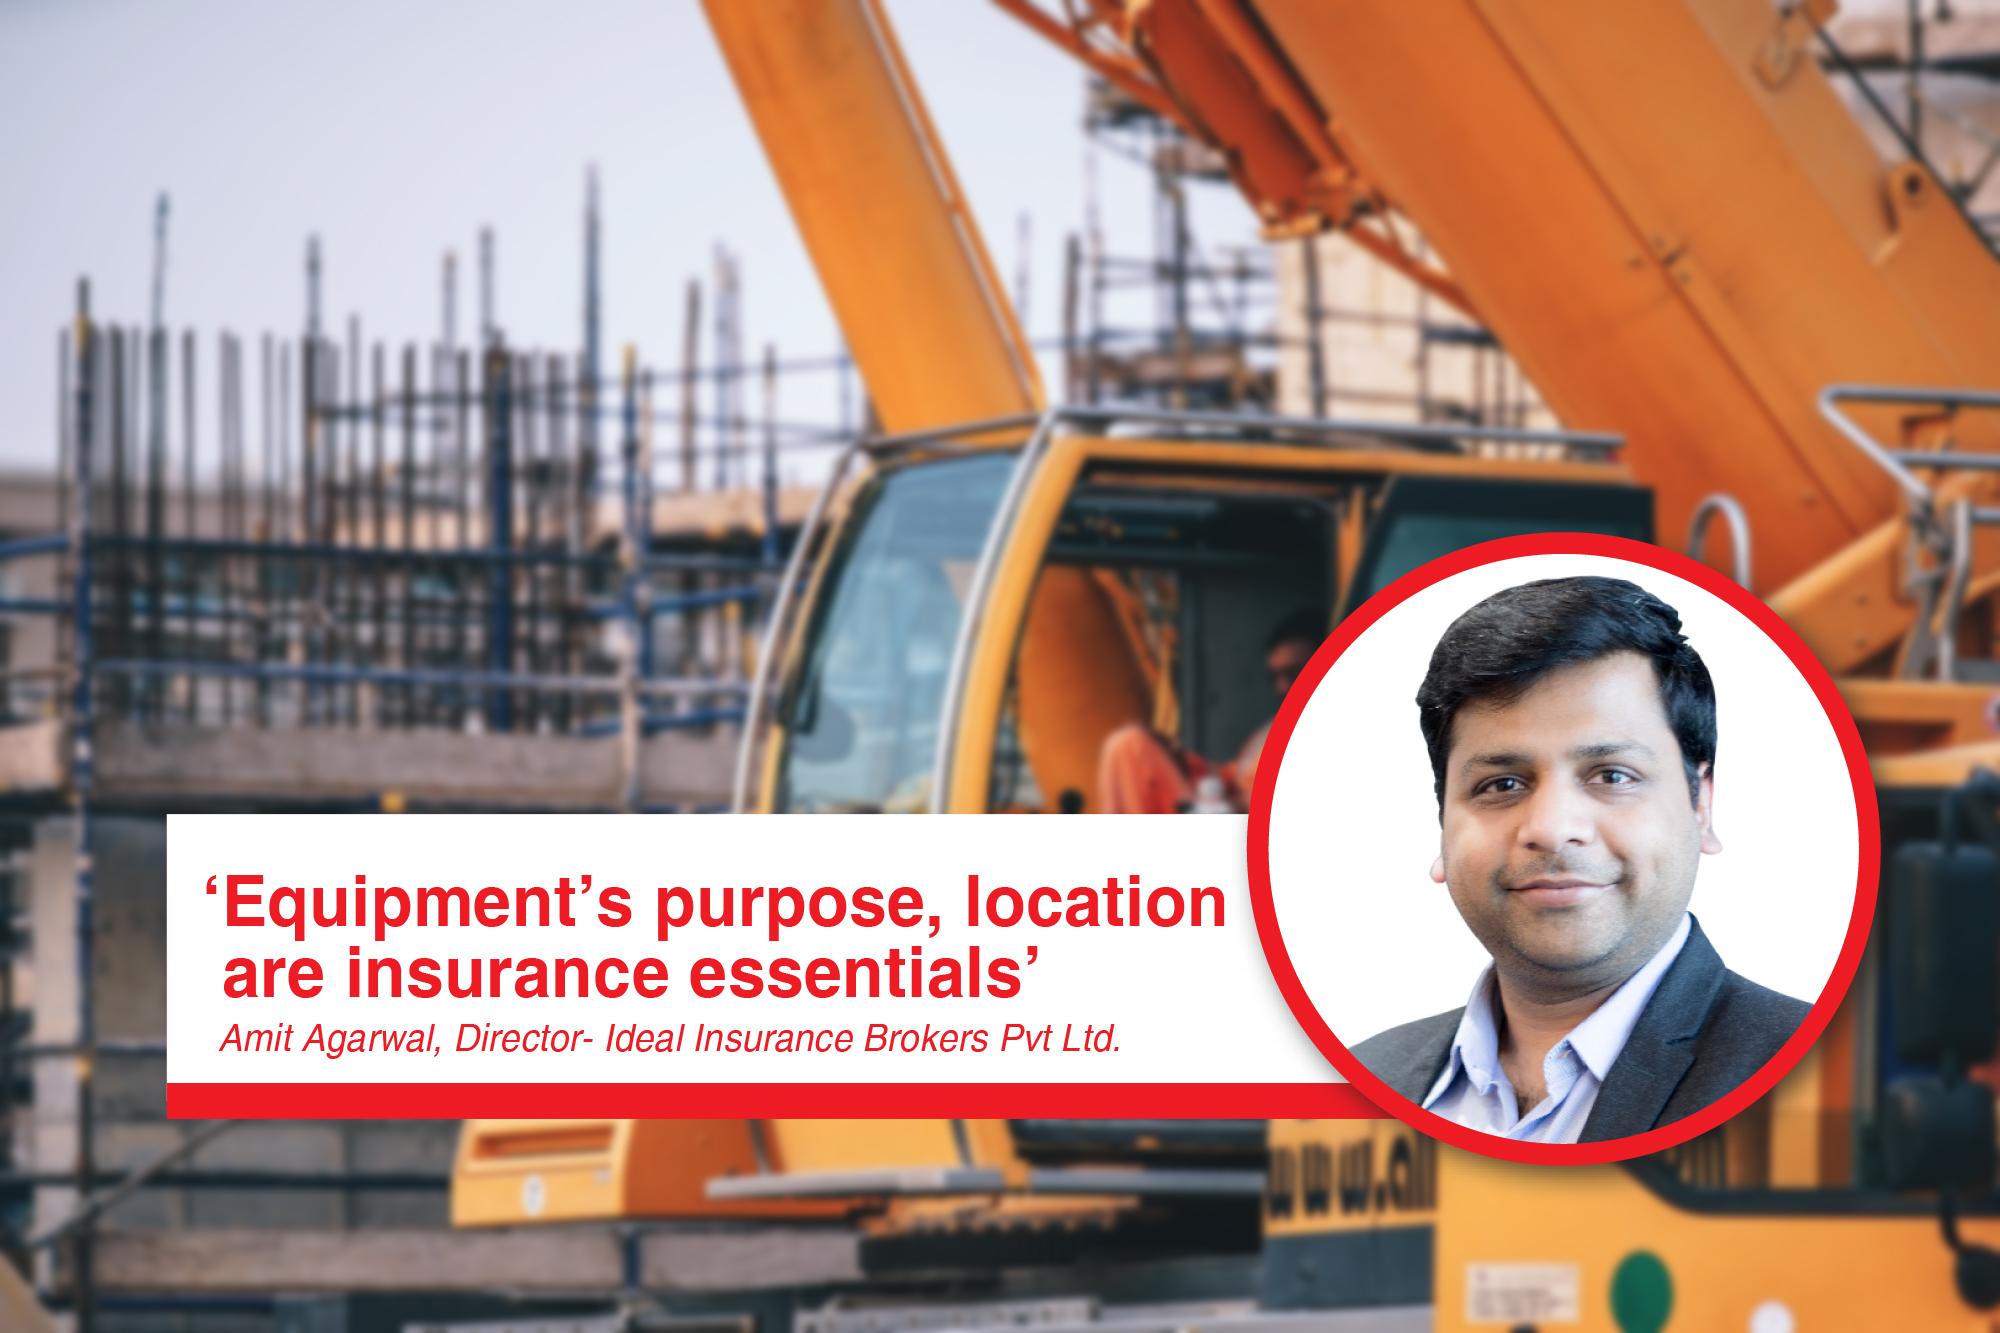 'Equipment's purpose, location are insurance essentials'